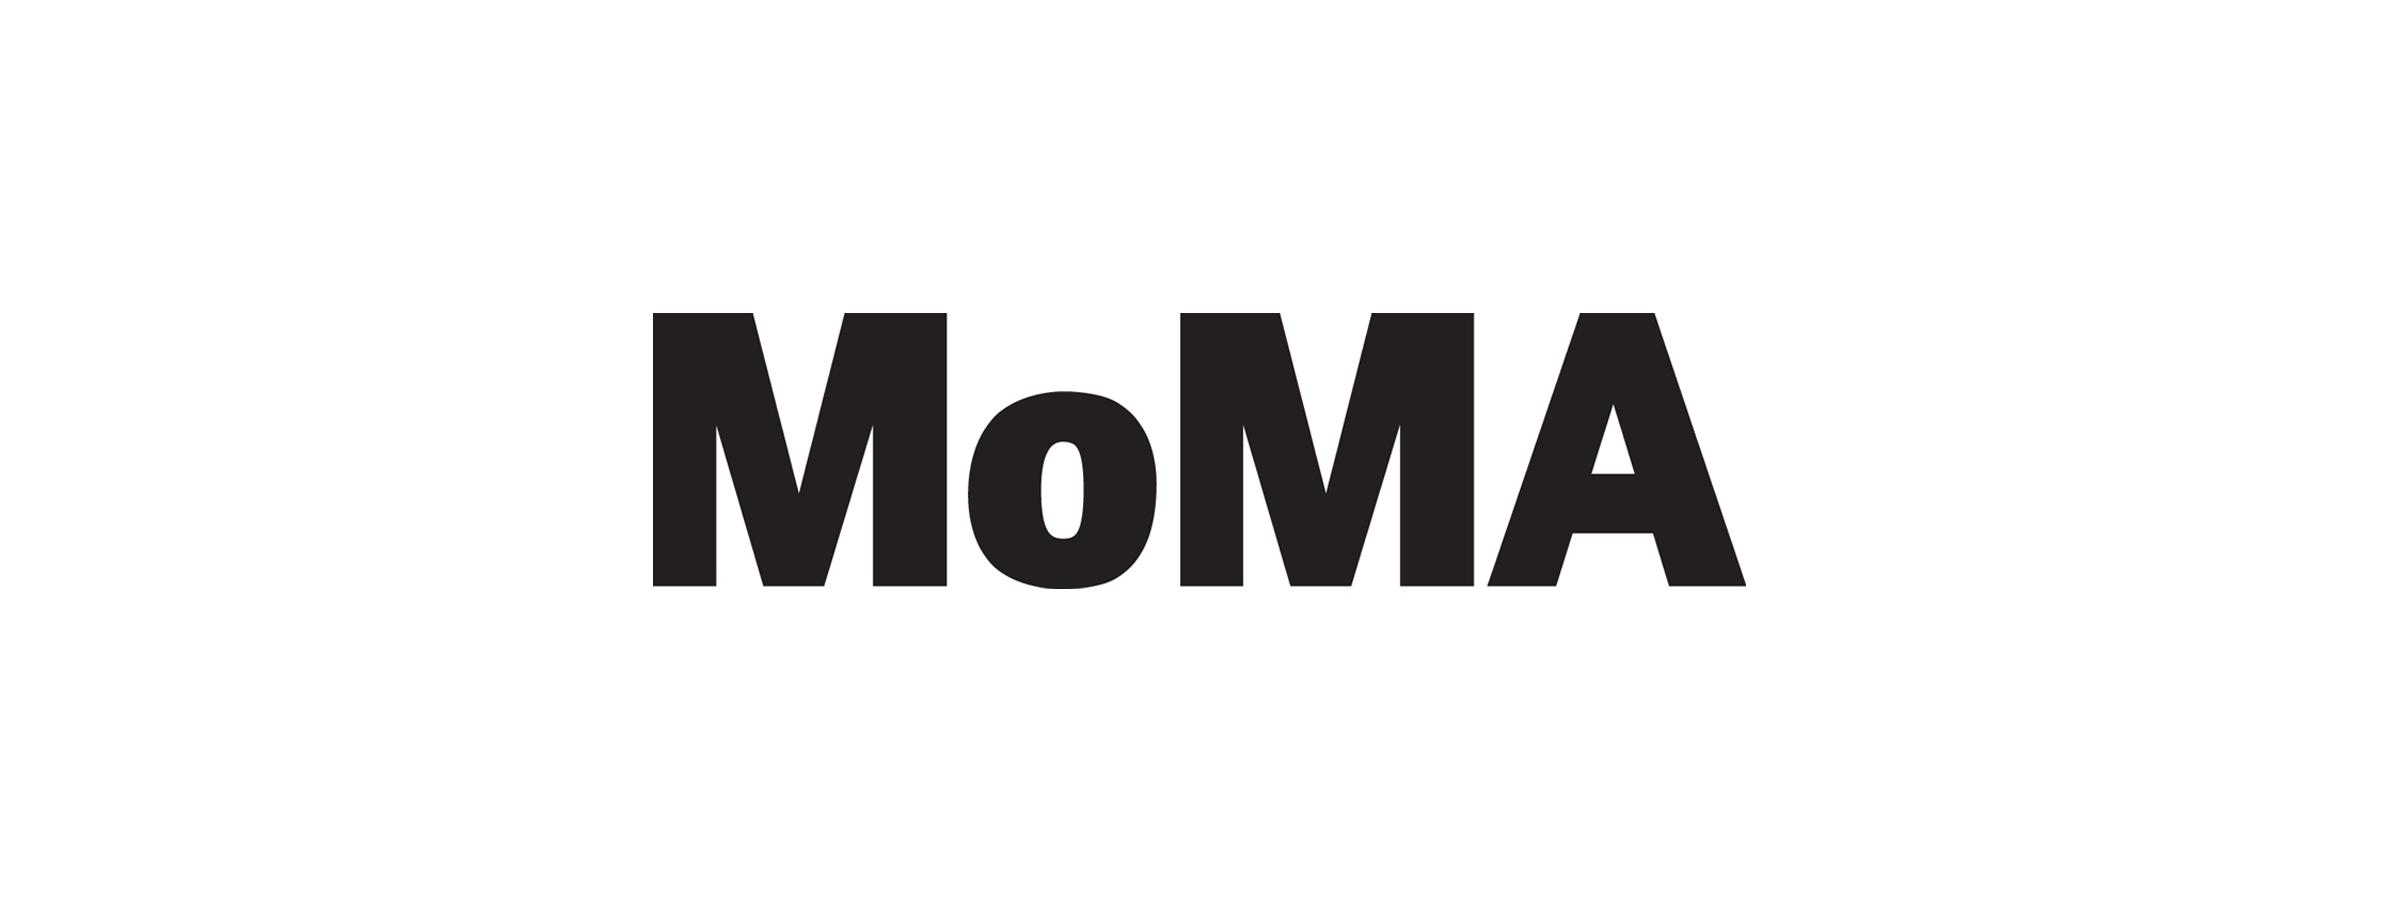 Weekly_MuseumBranding_MoMA